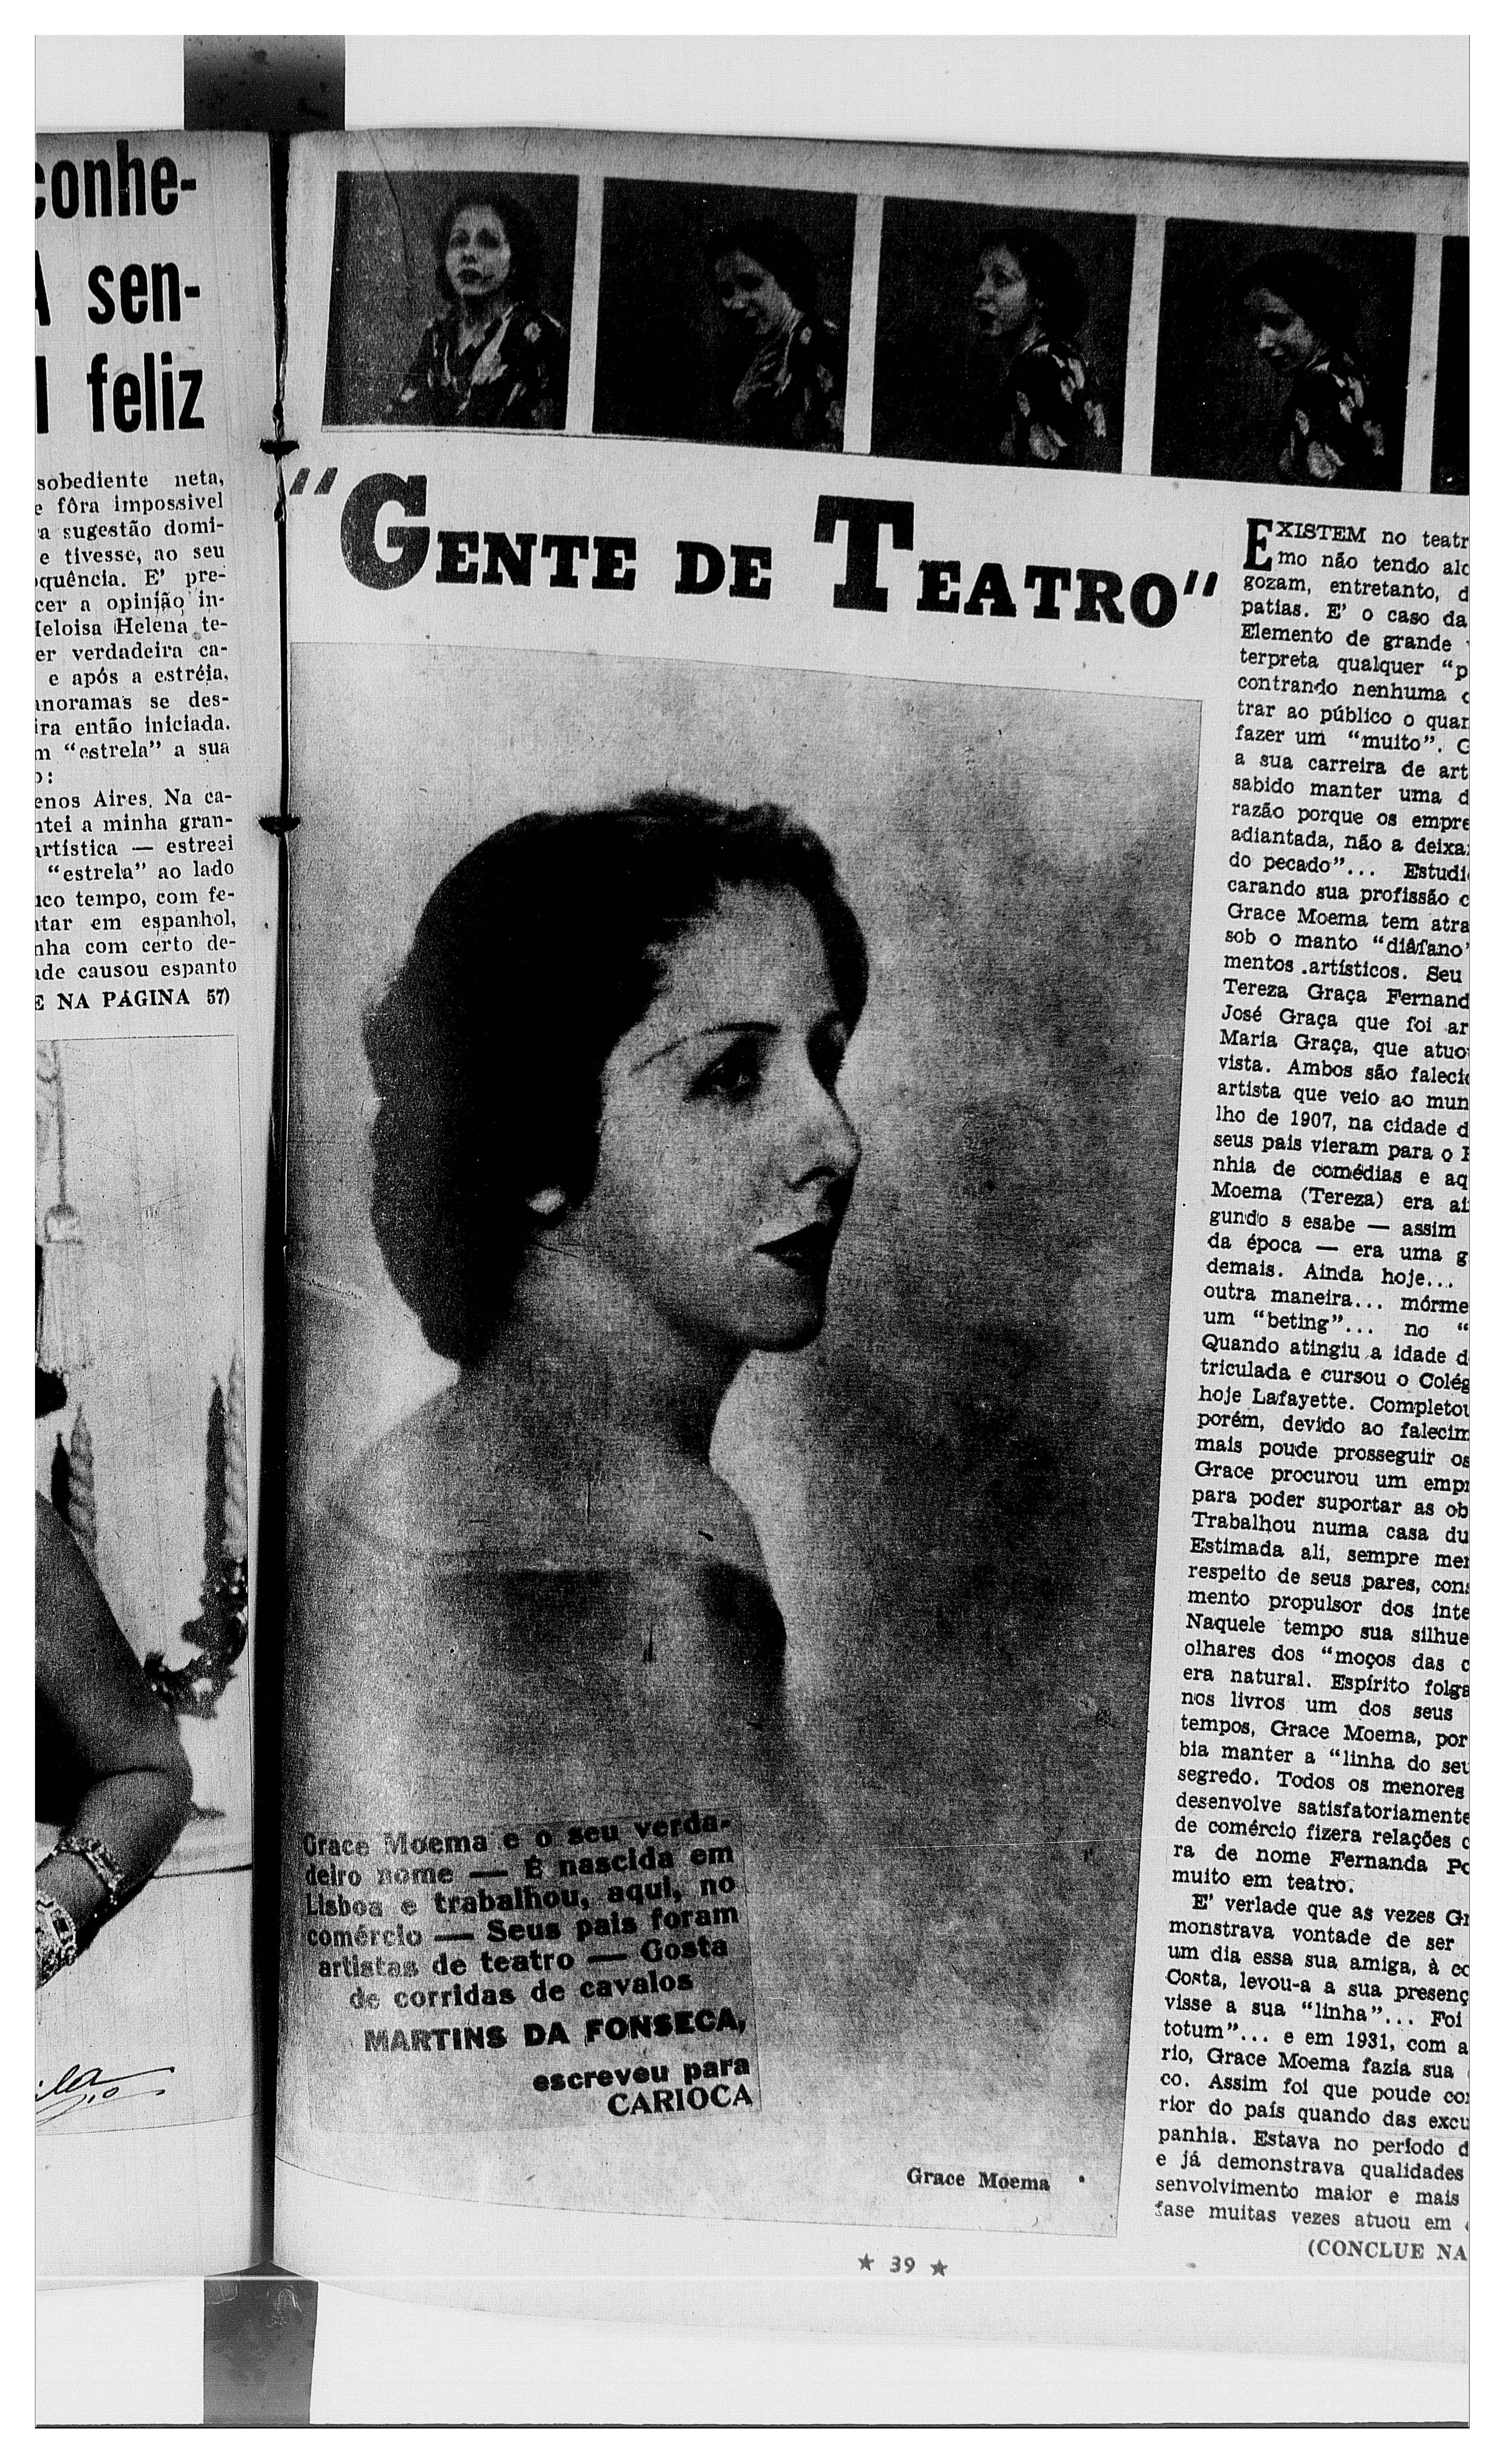 Thereza-Graáa-1946-04-27_Carioca_01-copy.jpg